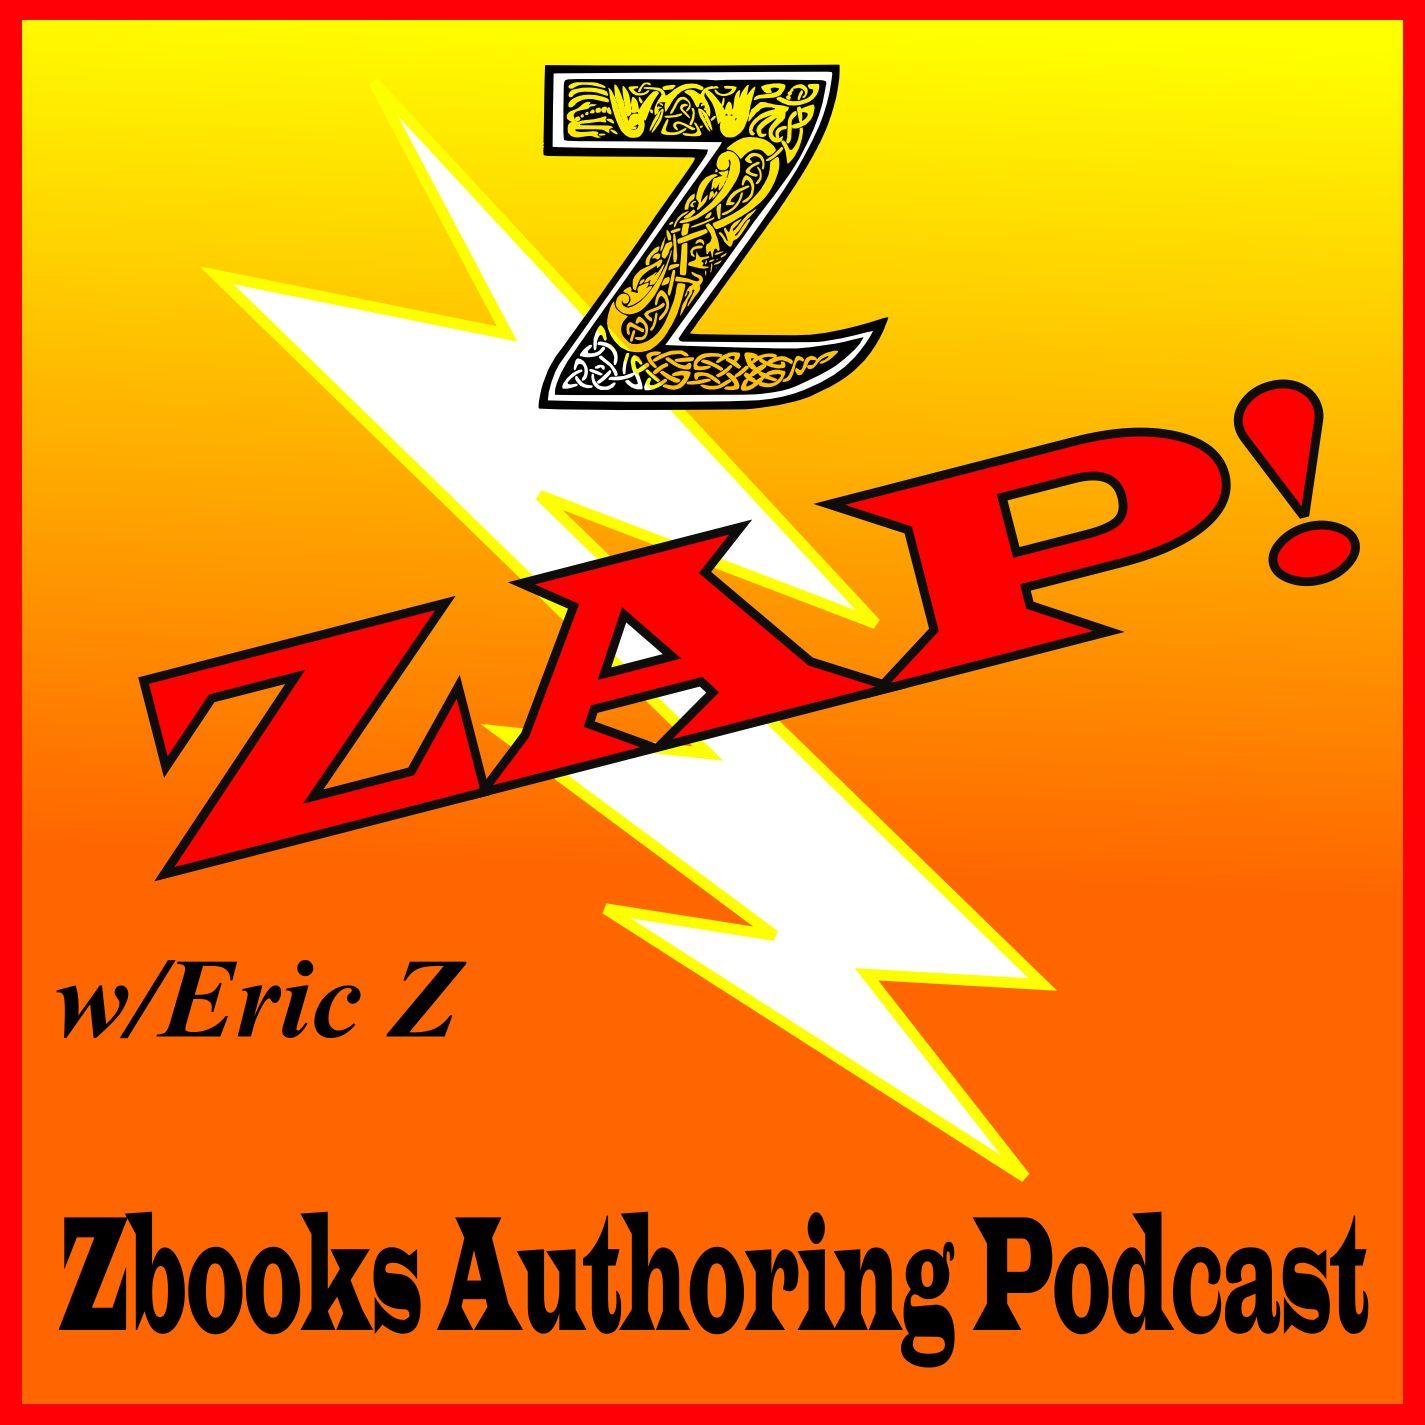 Zap w/Eric Z